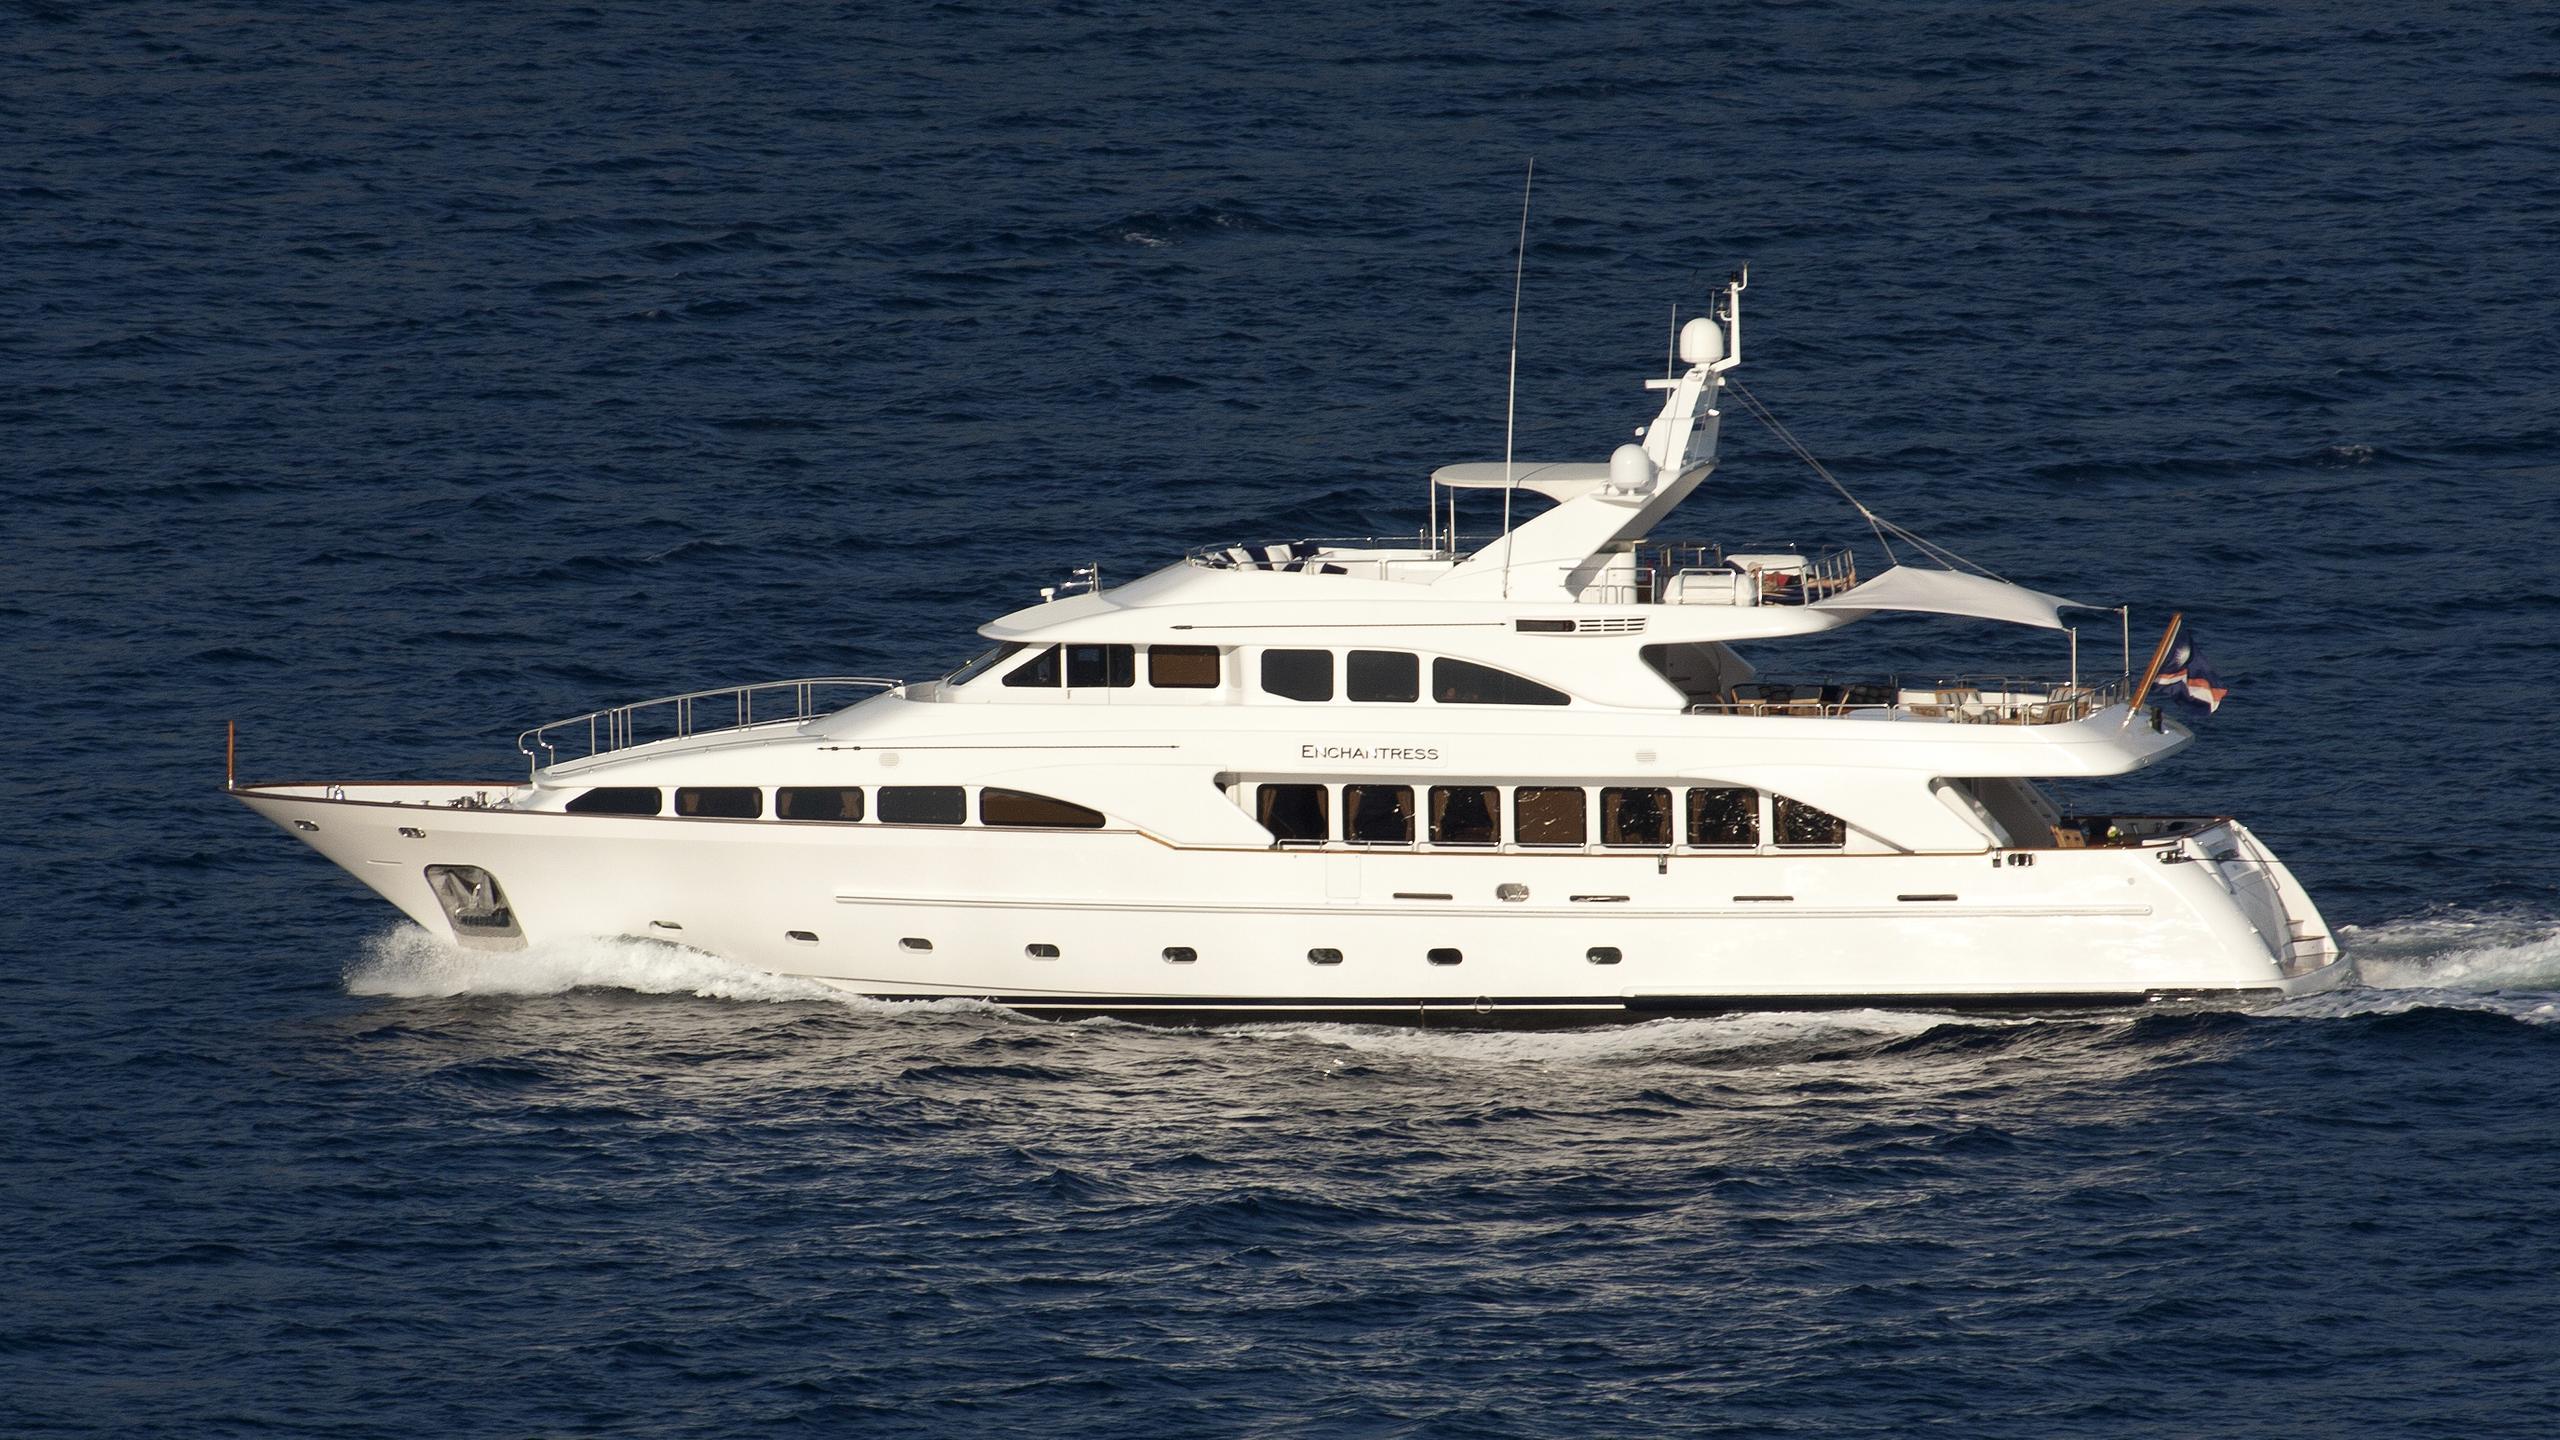 enchantress-yacht-exterior